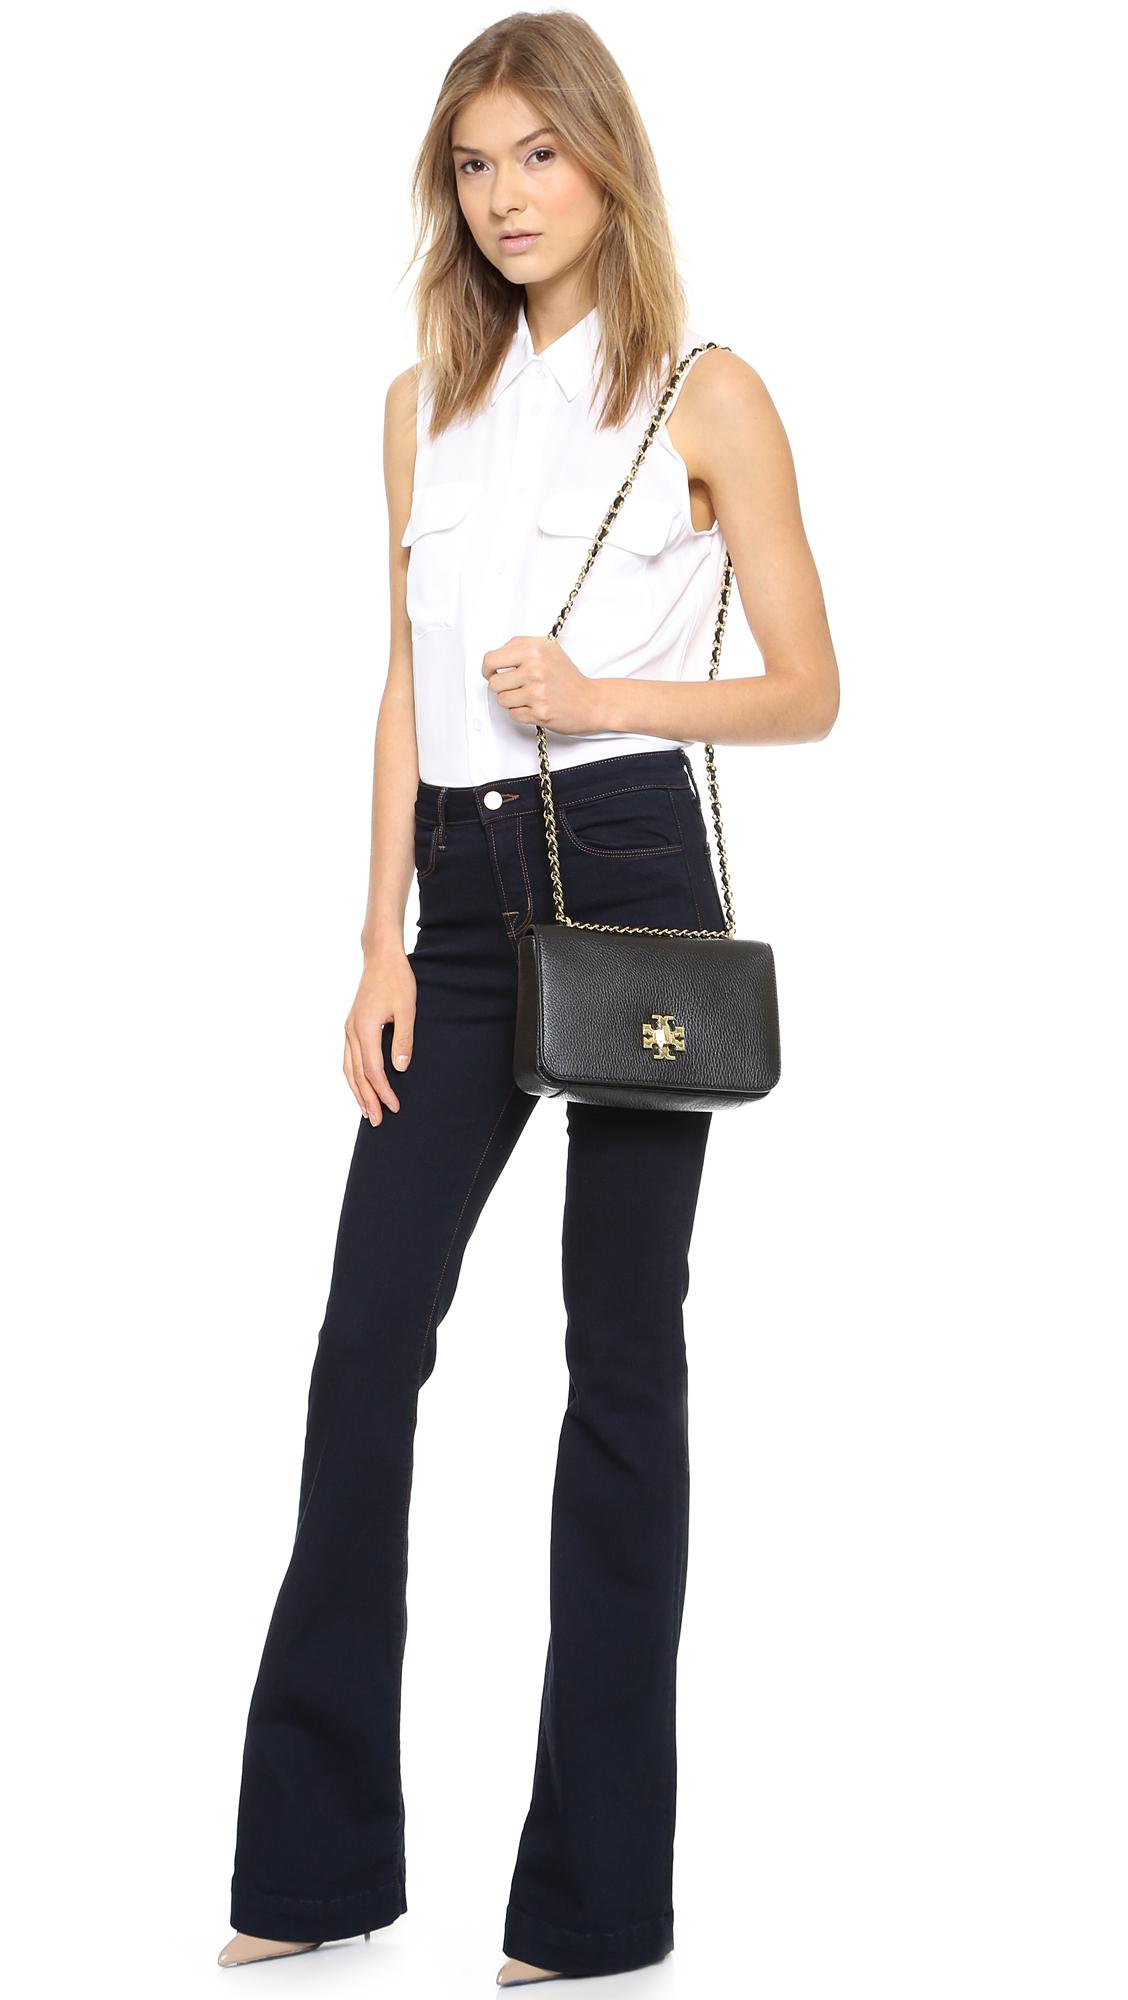 107588c08c4 Tory Burch Mercer Adjustable Shoulder Bag